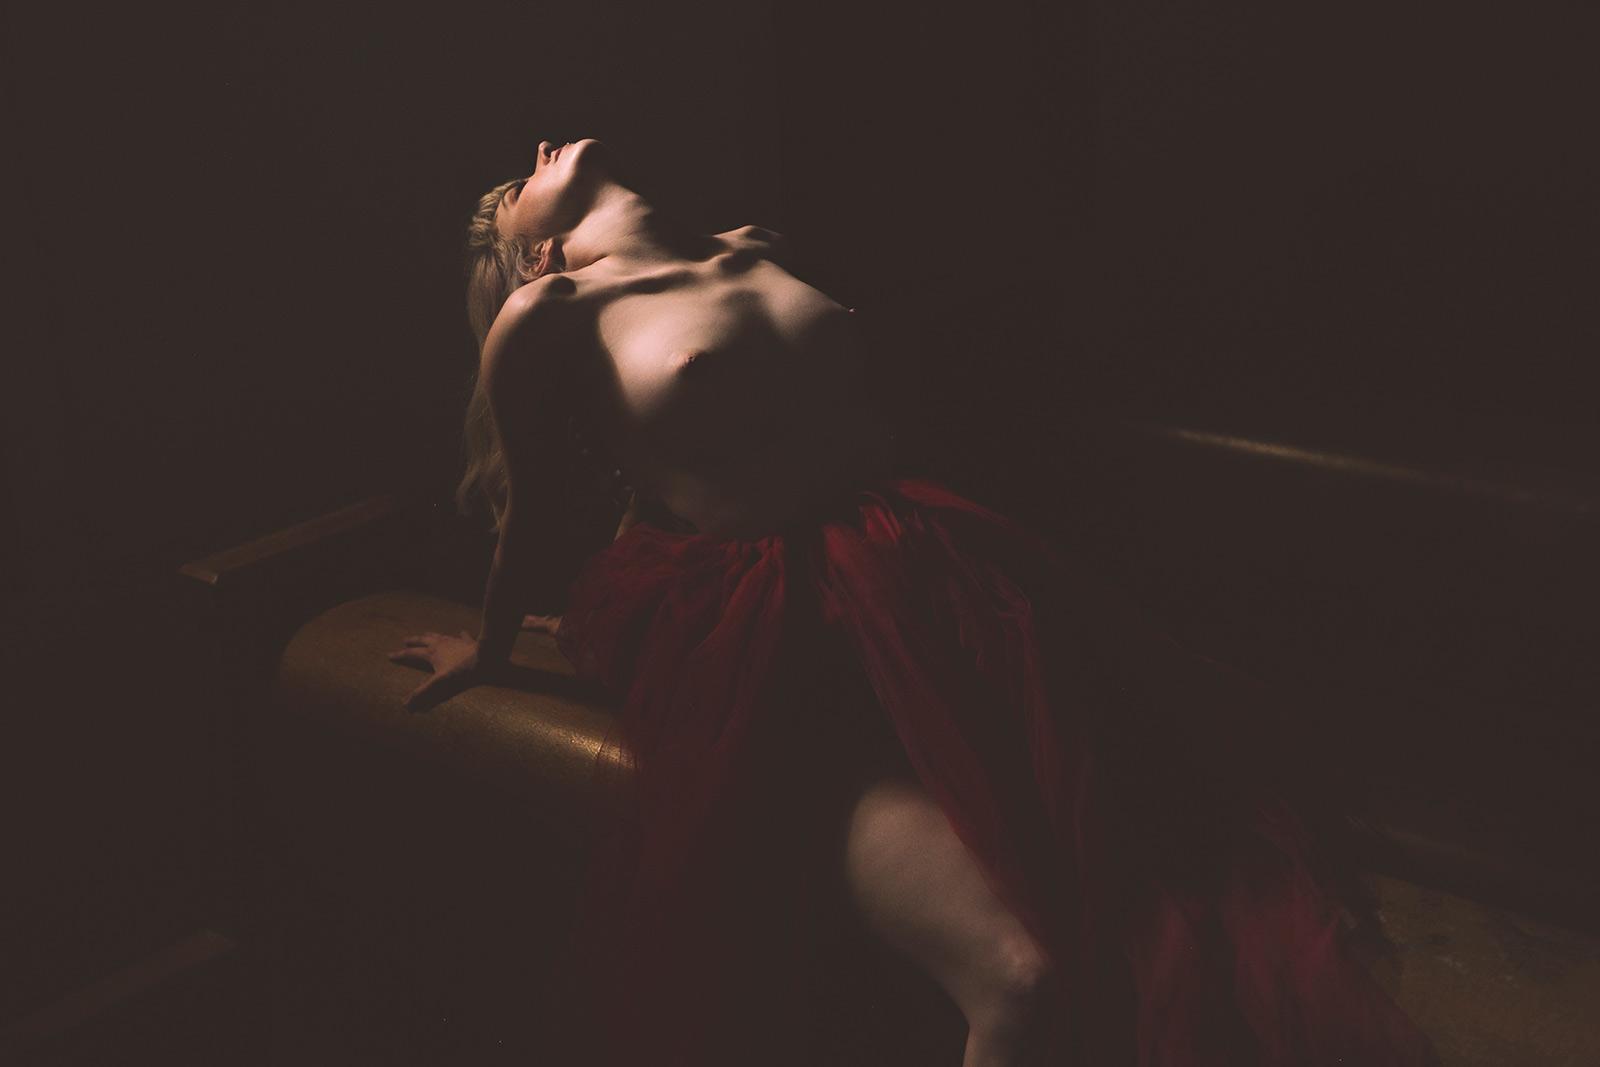 san-francisco-boudoir-photography